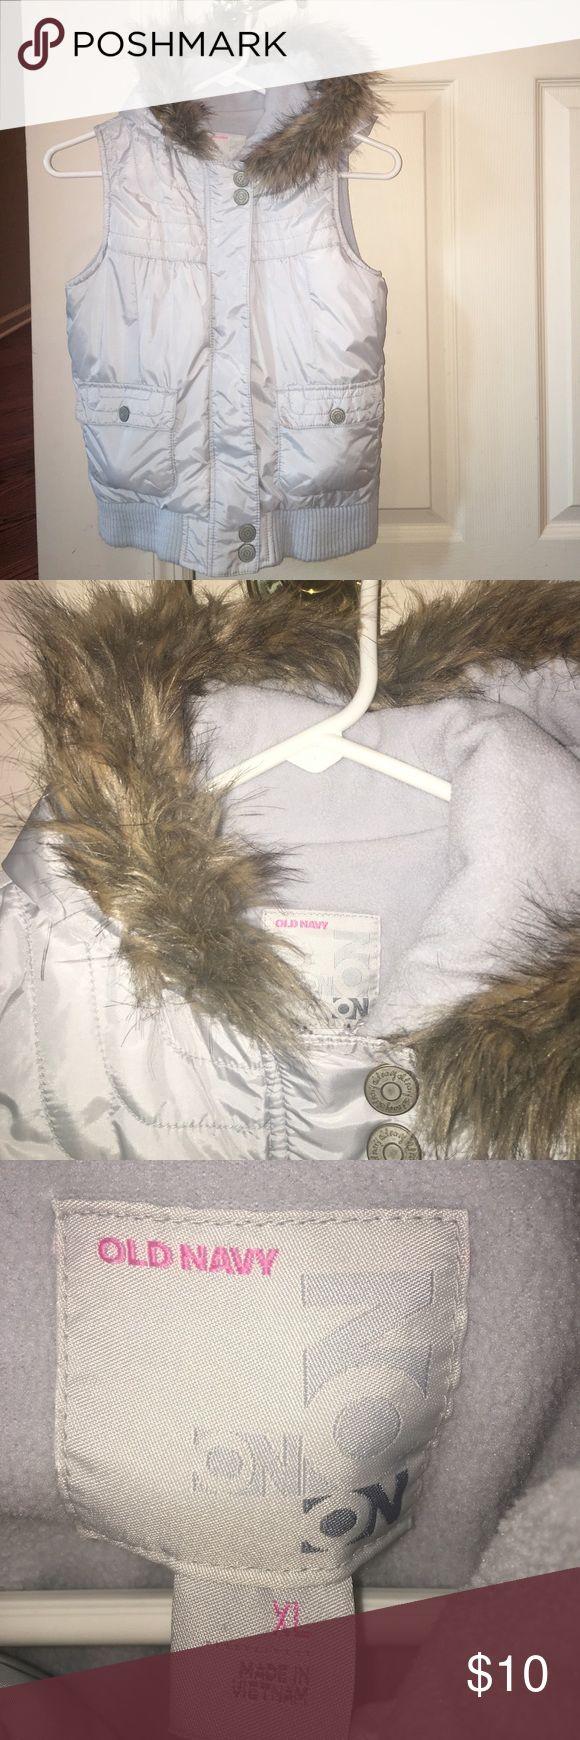 Old Navy Grey Faux Fur Hooded Vest Excellent condition. Faux Fur Hooded Vest Old Navy Jackets & Coats Vests